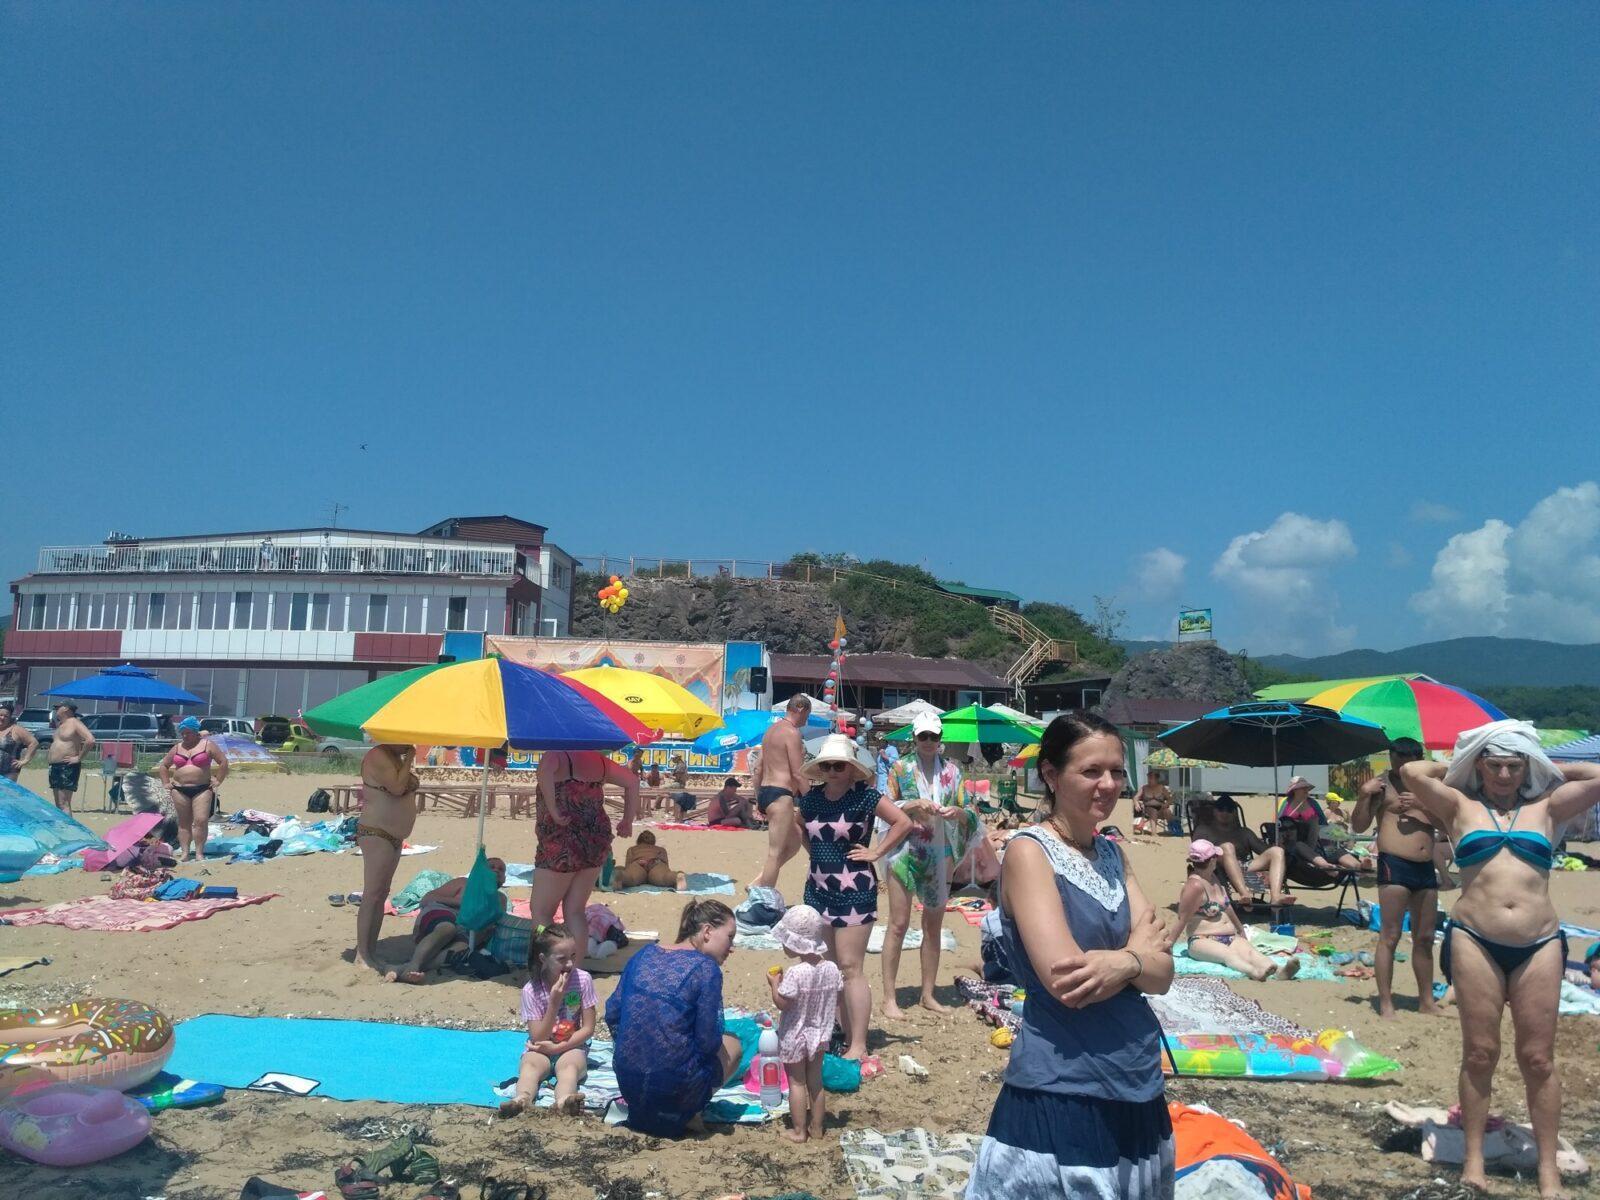 В глубине пляжа